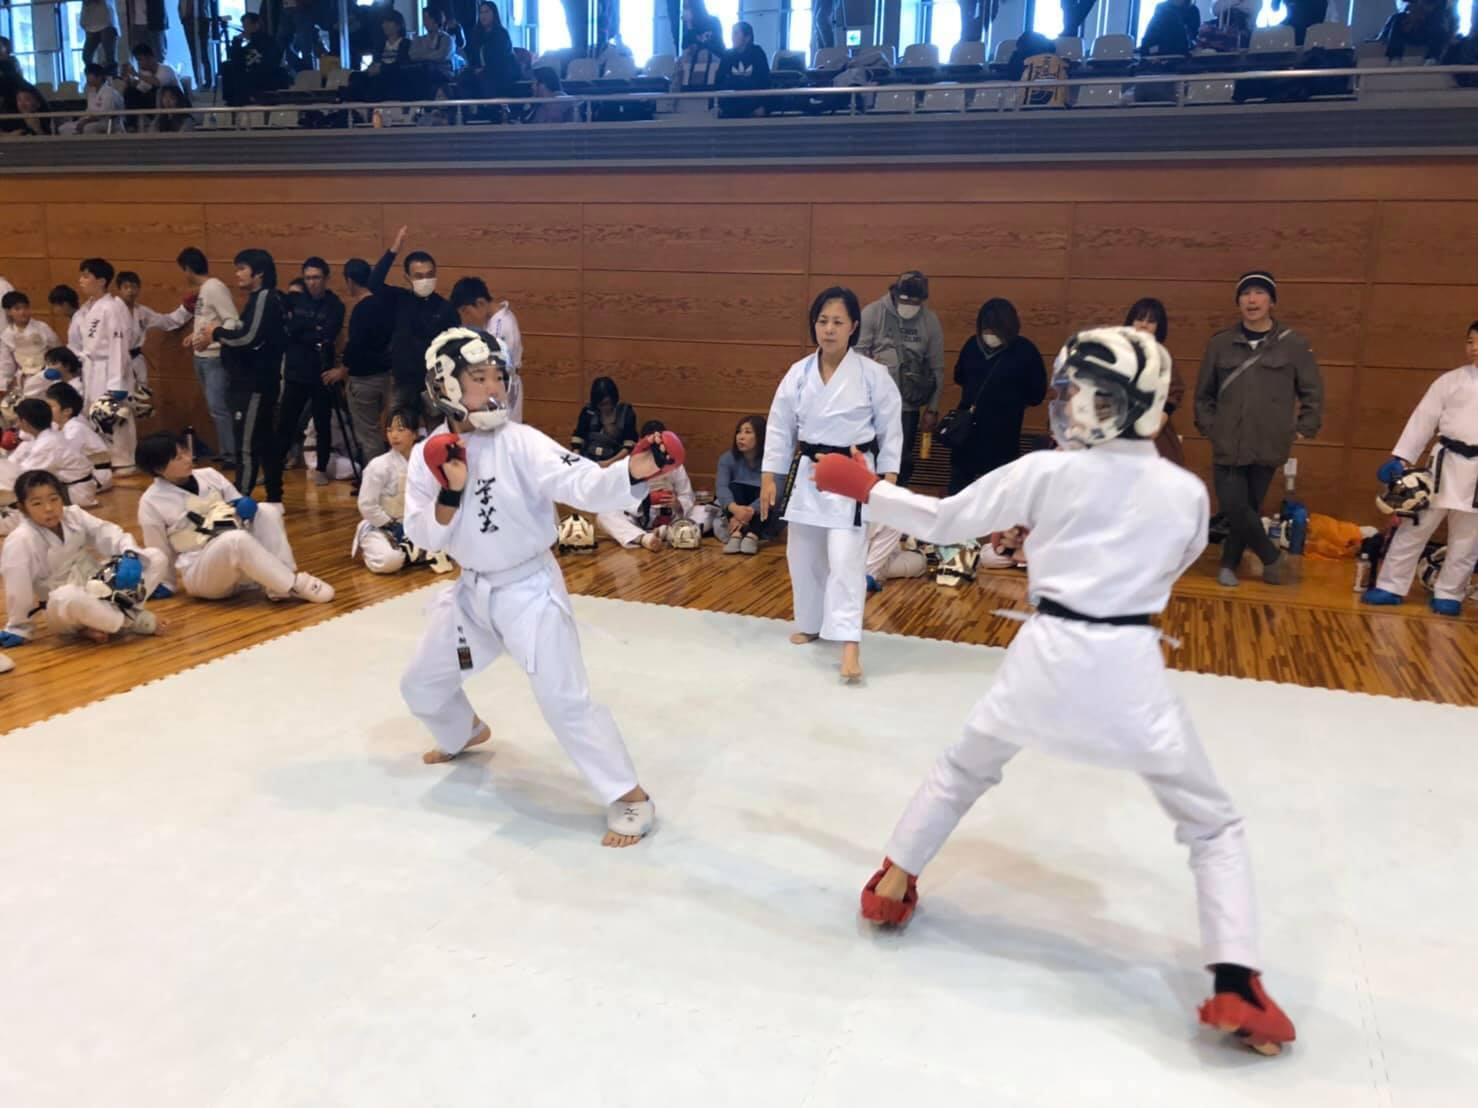 イナズマ拳フェスに参戦_e0238098_06515742.jpg